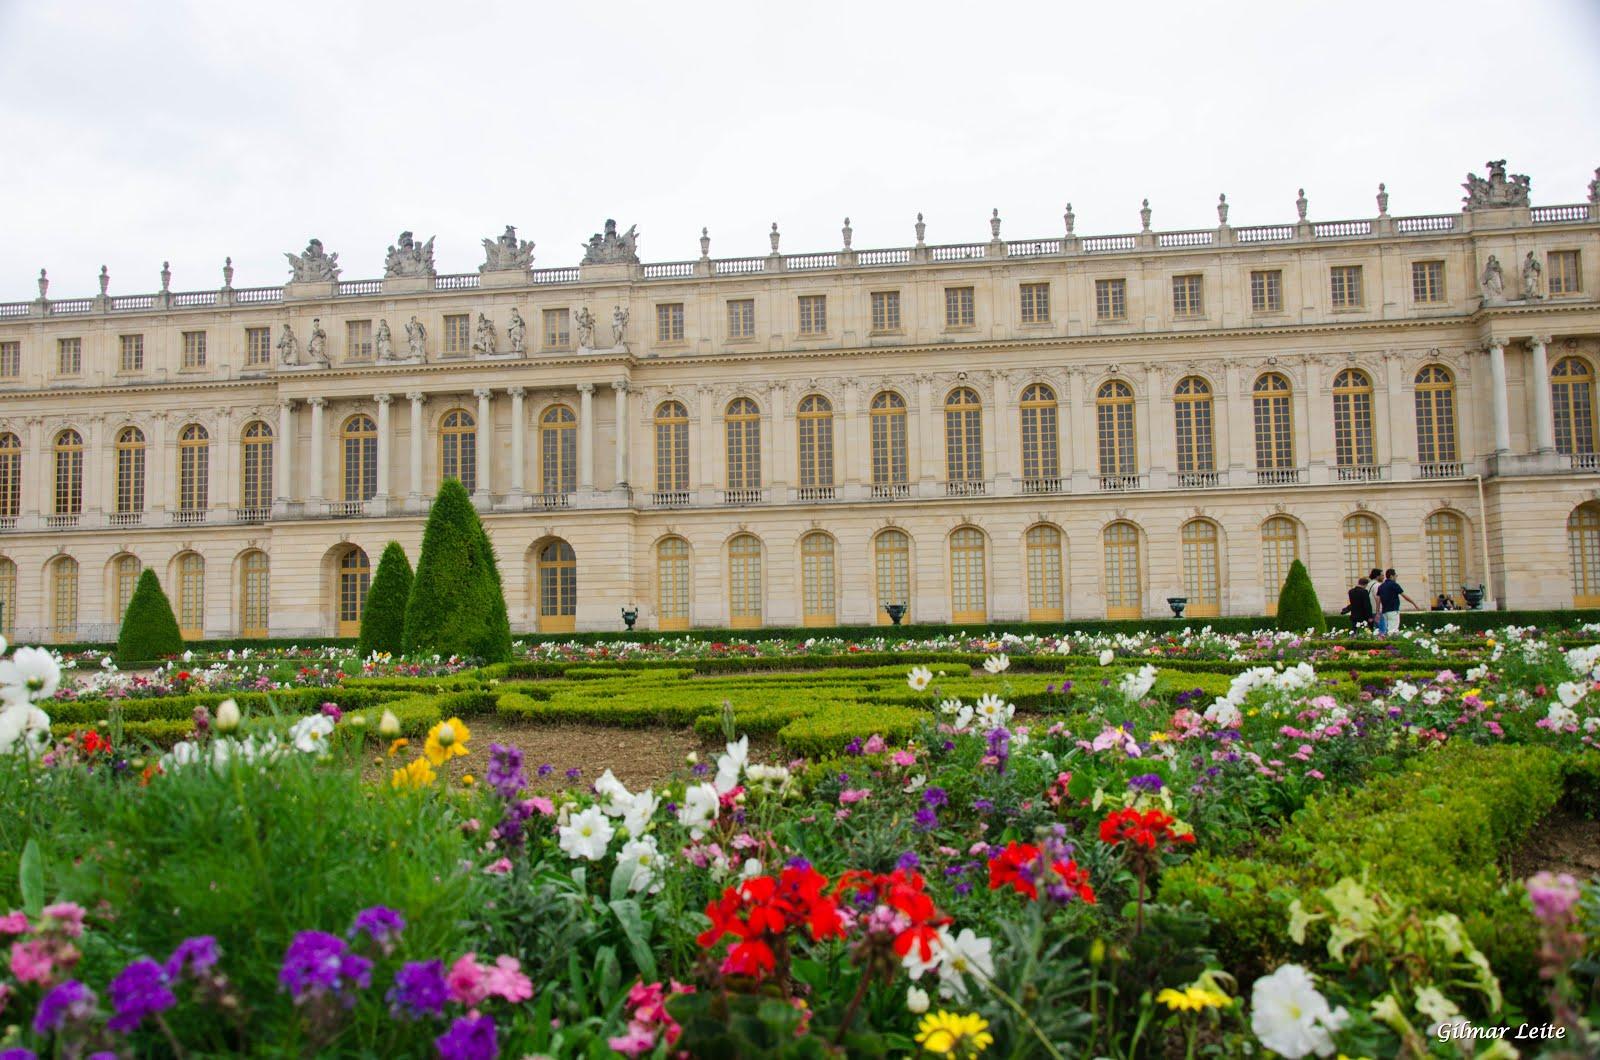 VERSALHES - PARIS